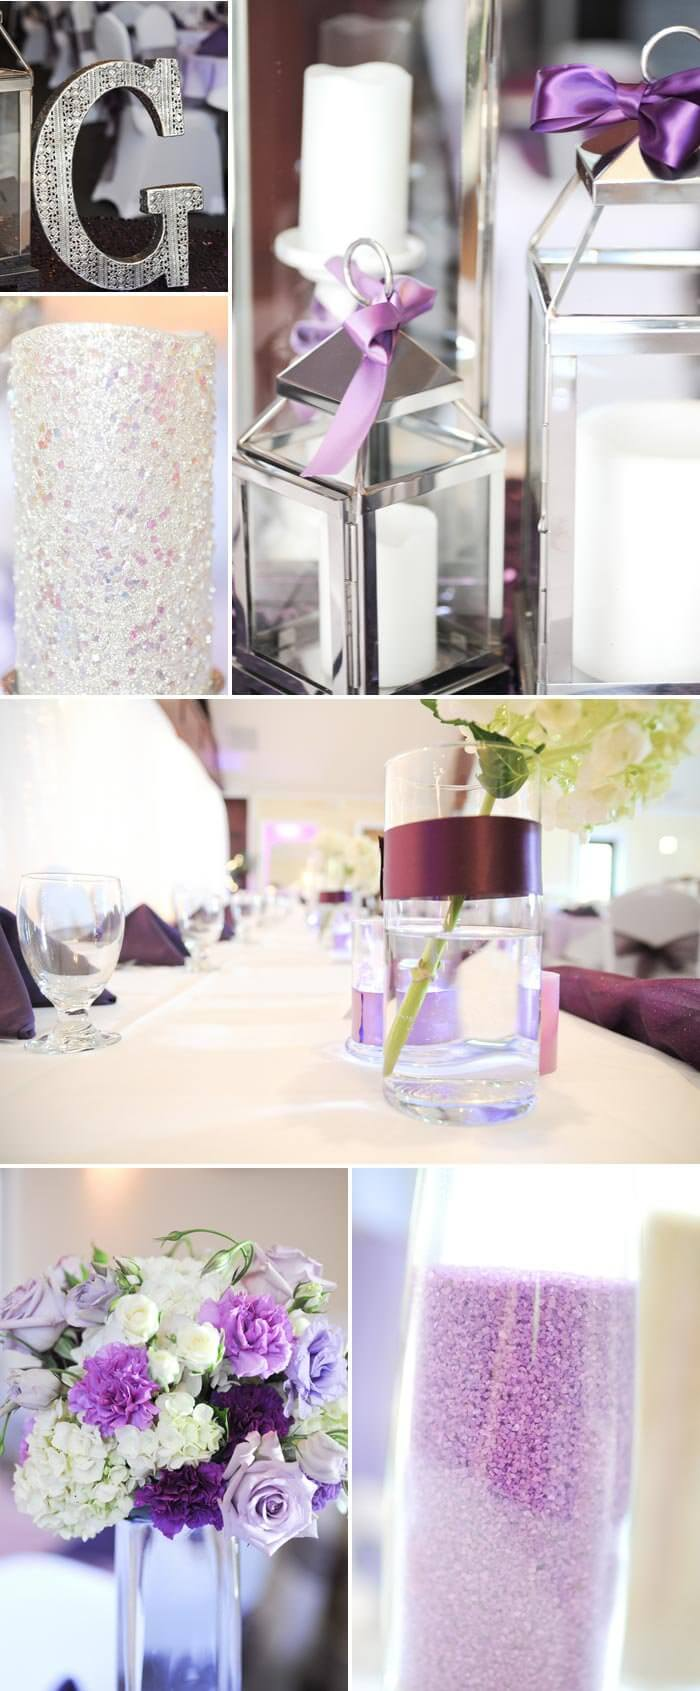 Hochzeit Flieder Fotostory Zur Zarten Hochzeitsfarbe